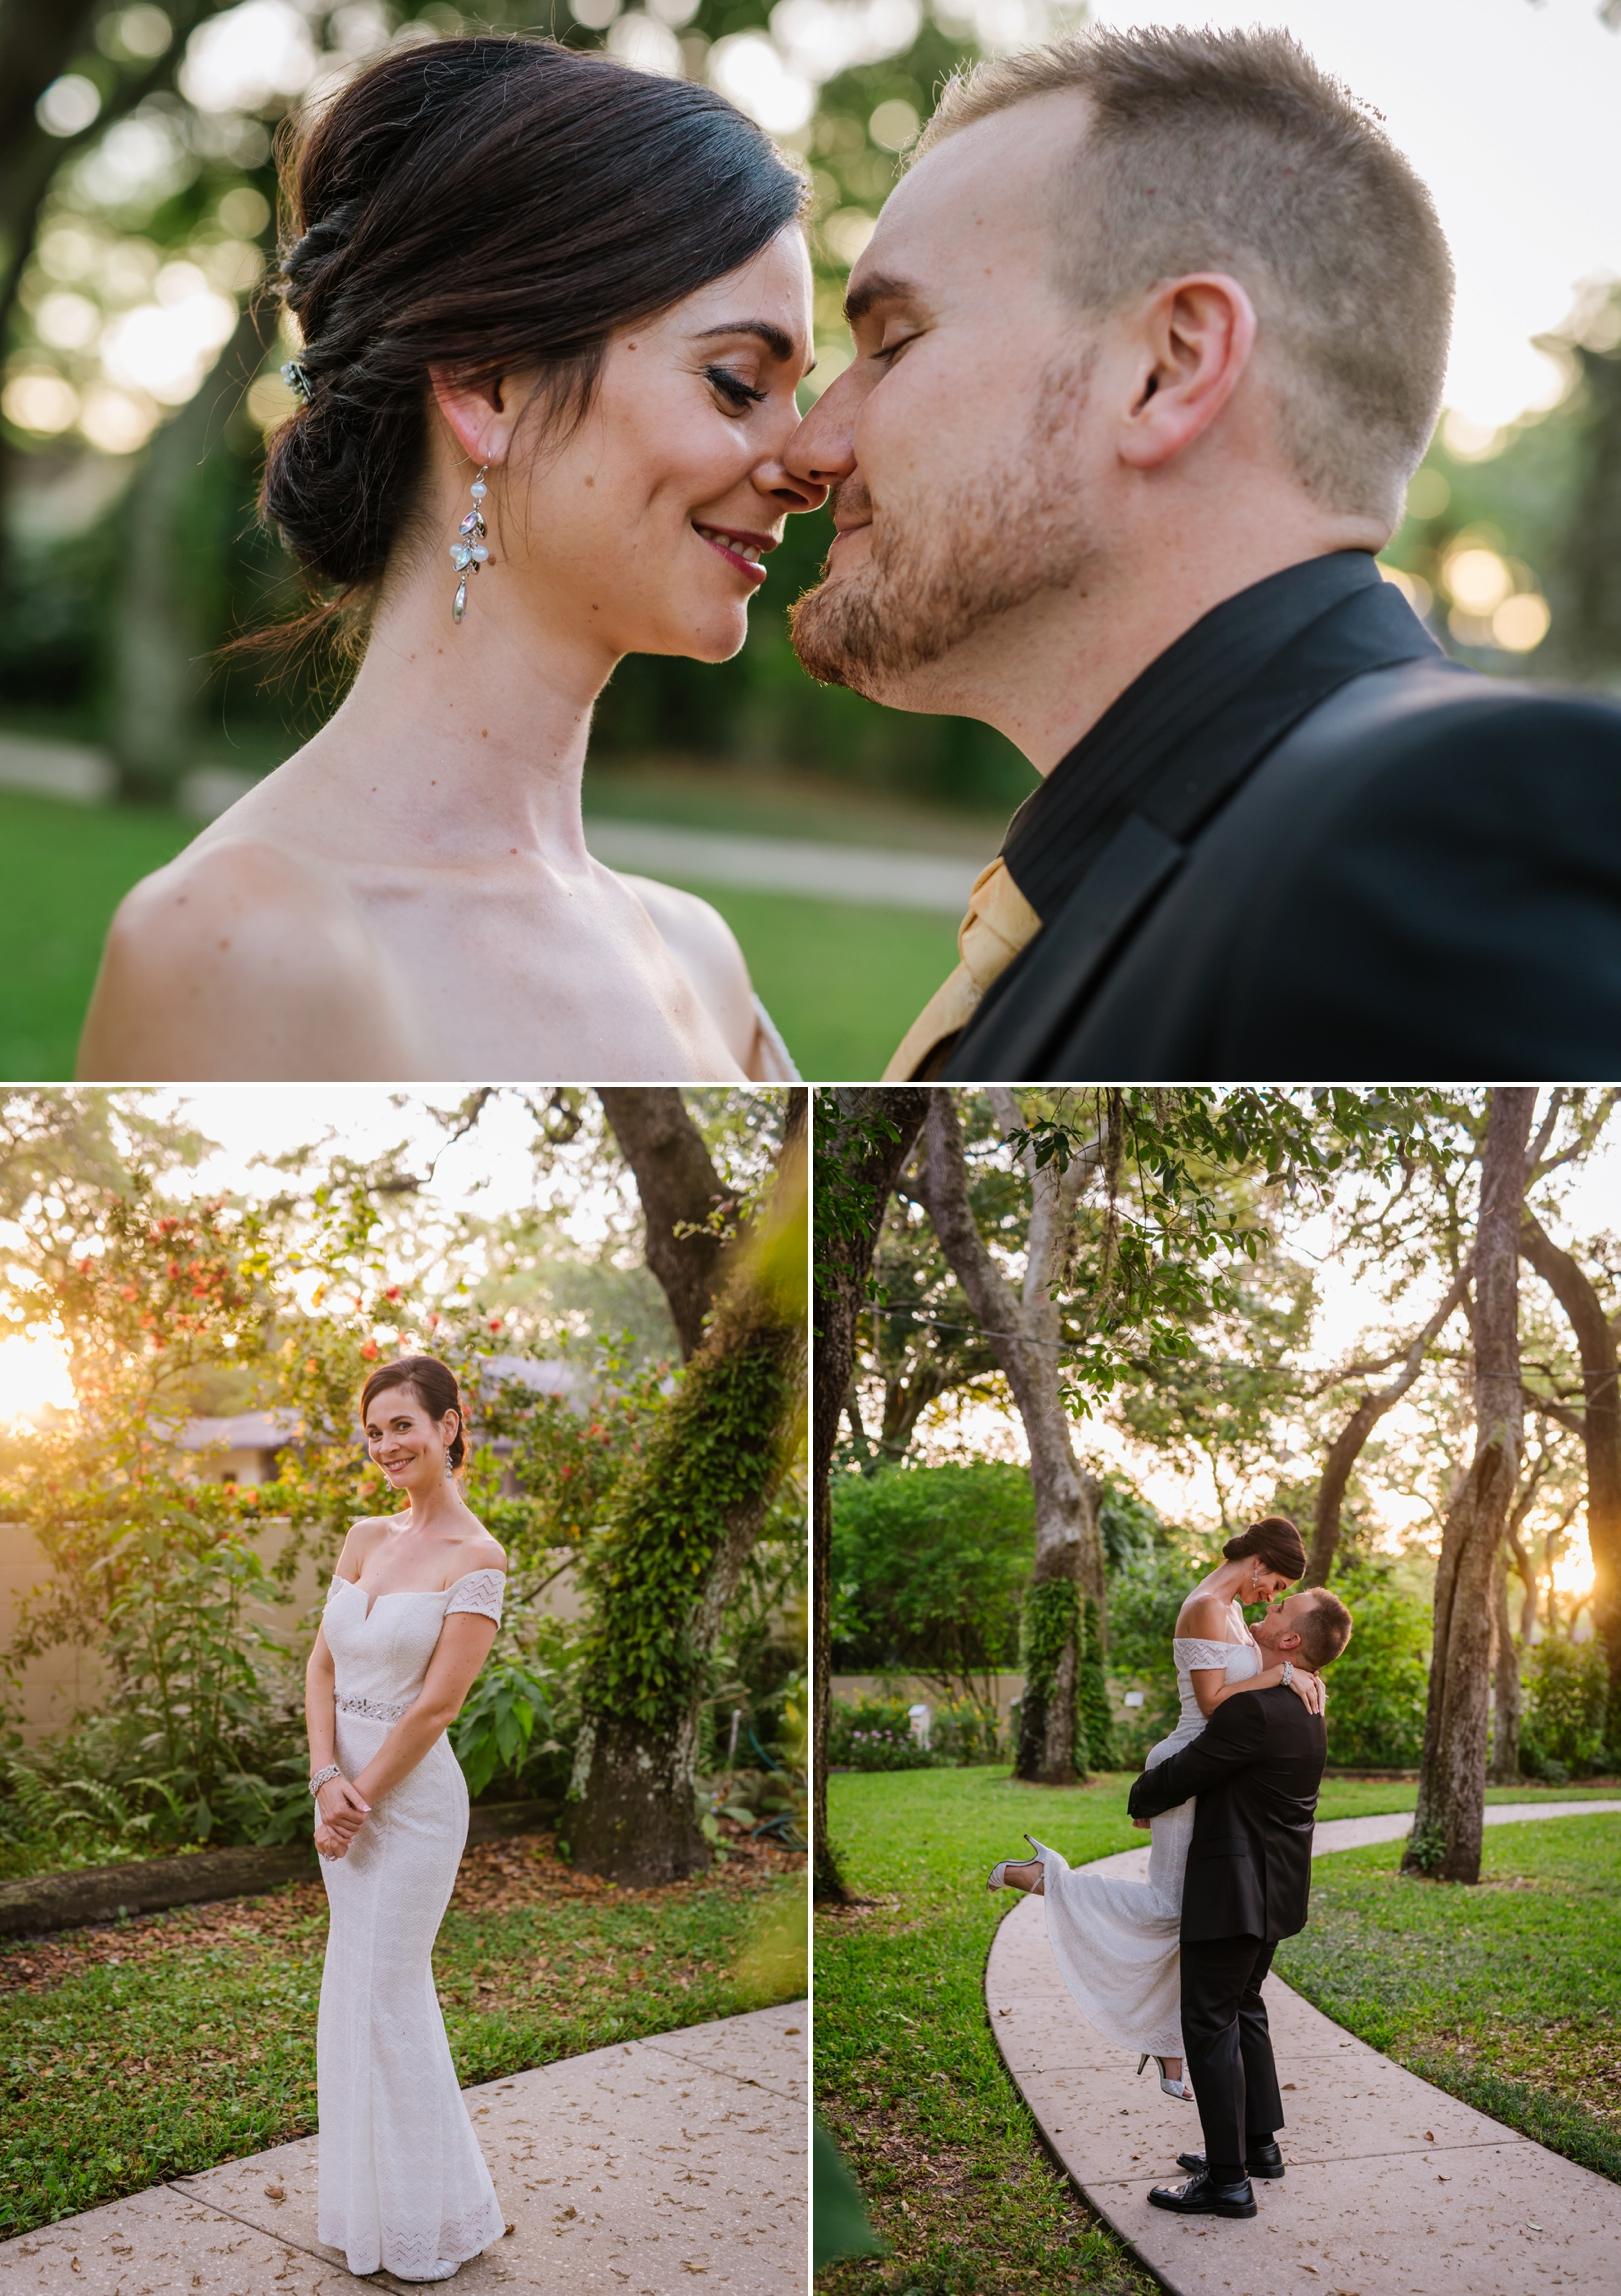 ashlee-hamon-photography-tampa-rustic-outdoor-traditional-wedding_0012.jpg